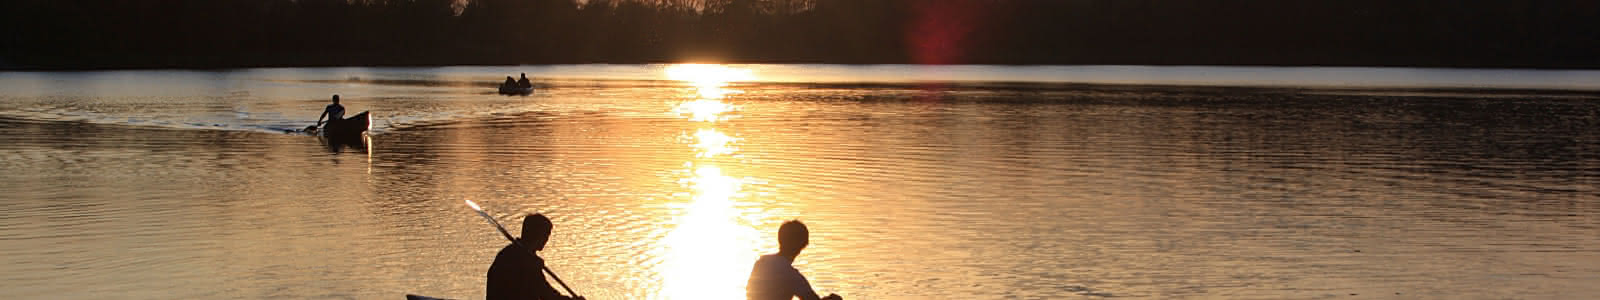 Les sorties crépusculaires en canoë avec la Maison de la Loire de Loir-et-Cher - Vacances nature en Val de Loire ©Image par Günther Schneider de Pixabay